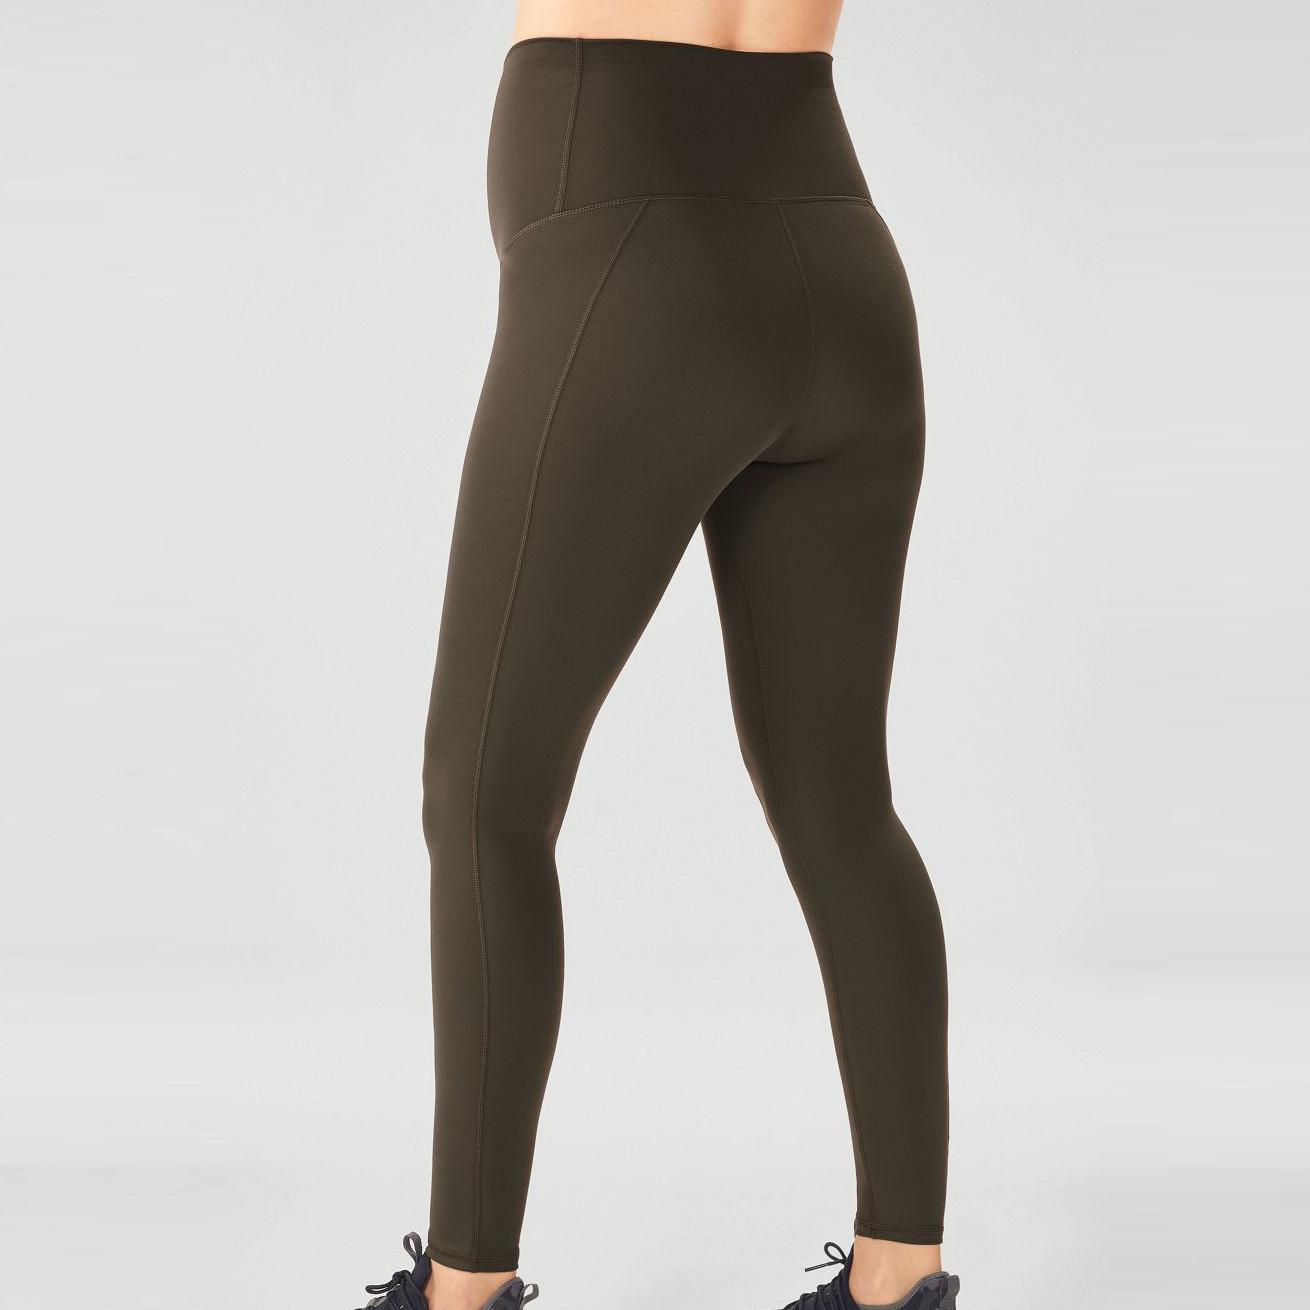 maternity compression leggings